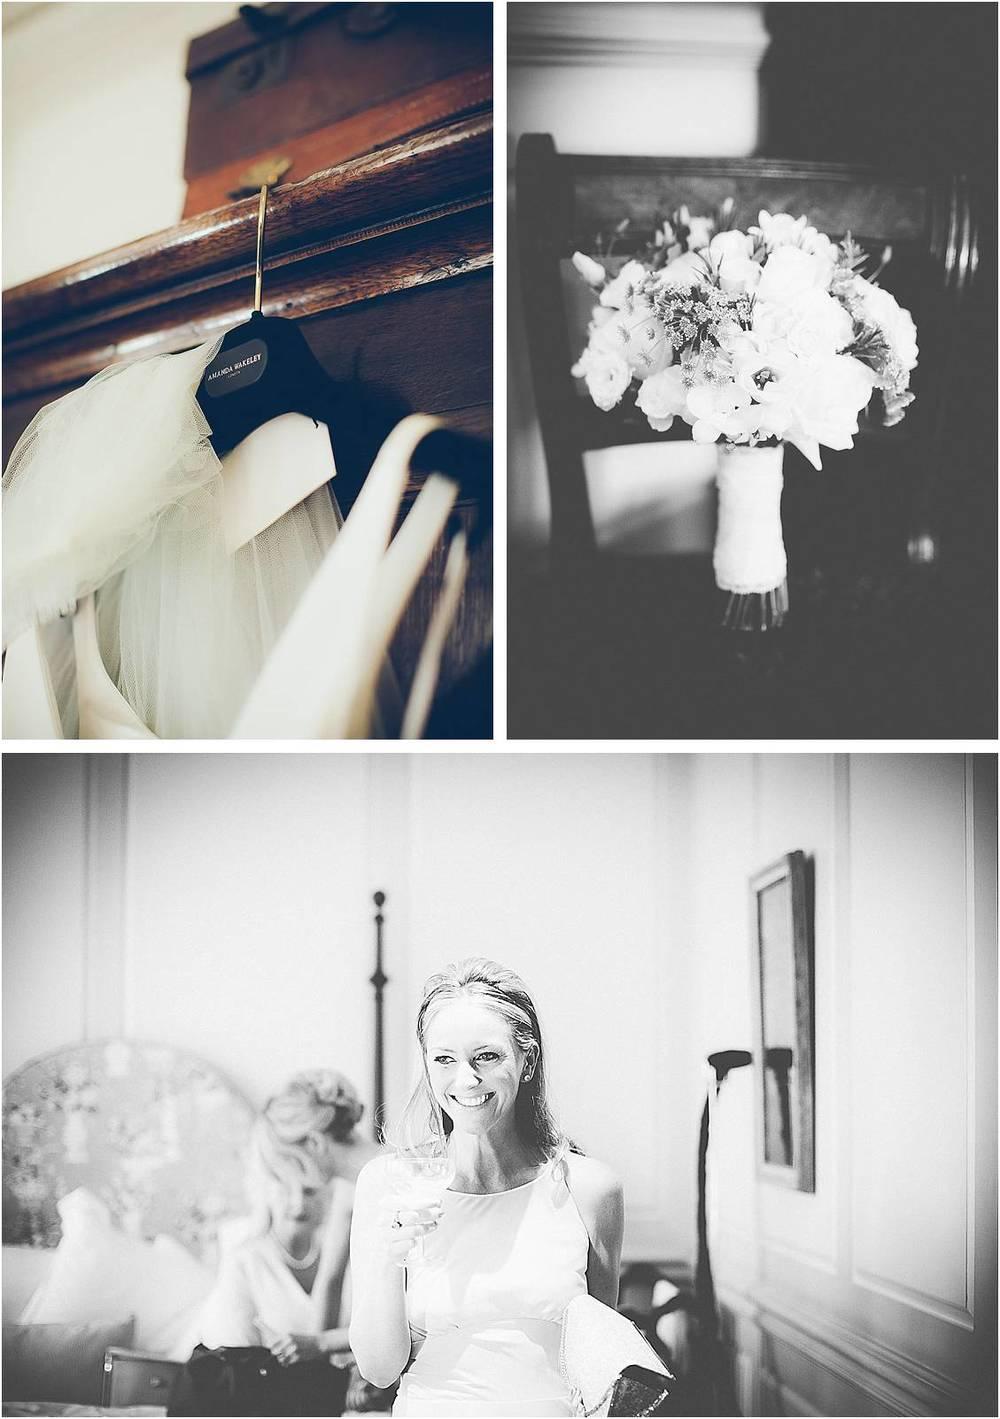 Boud_FionaclairPhotography_OneMarlyebone_Blog-42.jpg